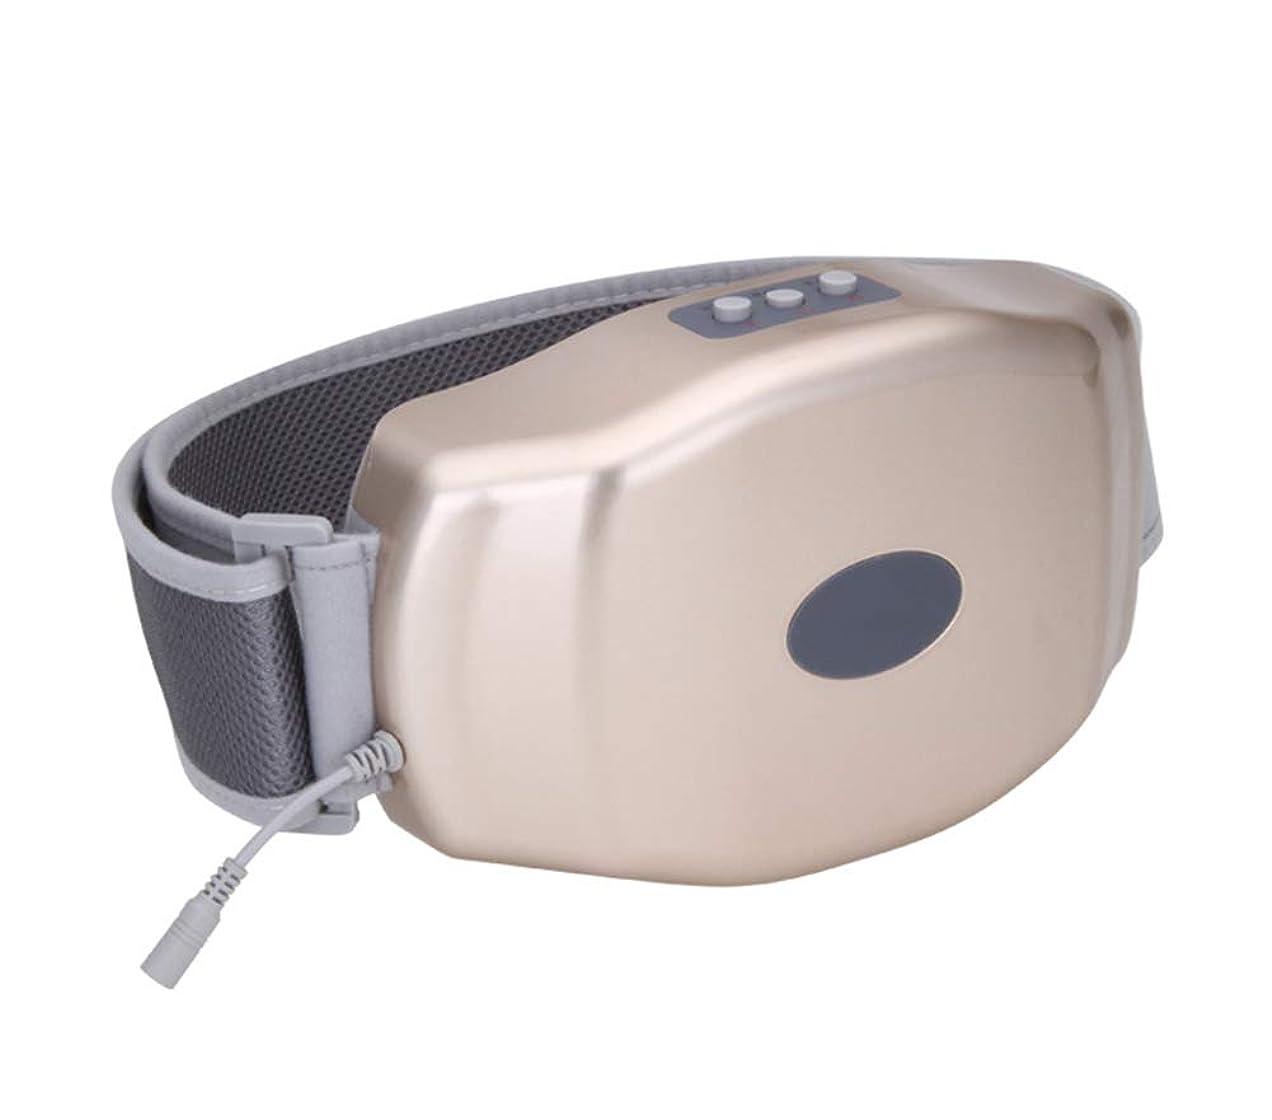 レンダー代理人ご飯多機能腹部マッサージ - 電気ファットバーナー - 腹部減量マッサージ振動便秘腹部理学療法ベルト加熱男性と女性のベルト